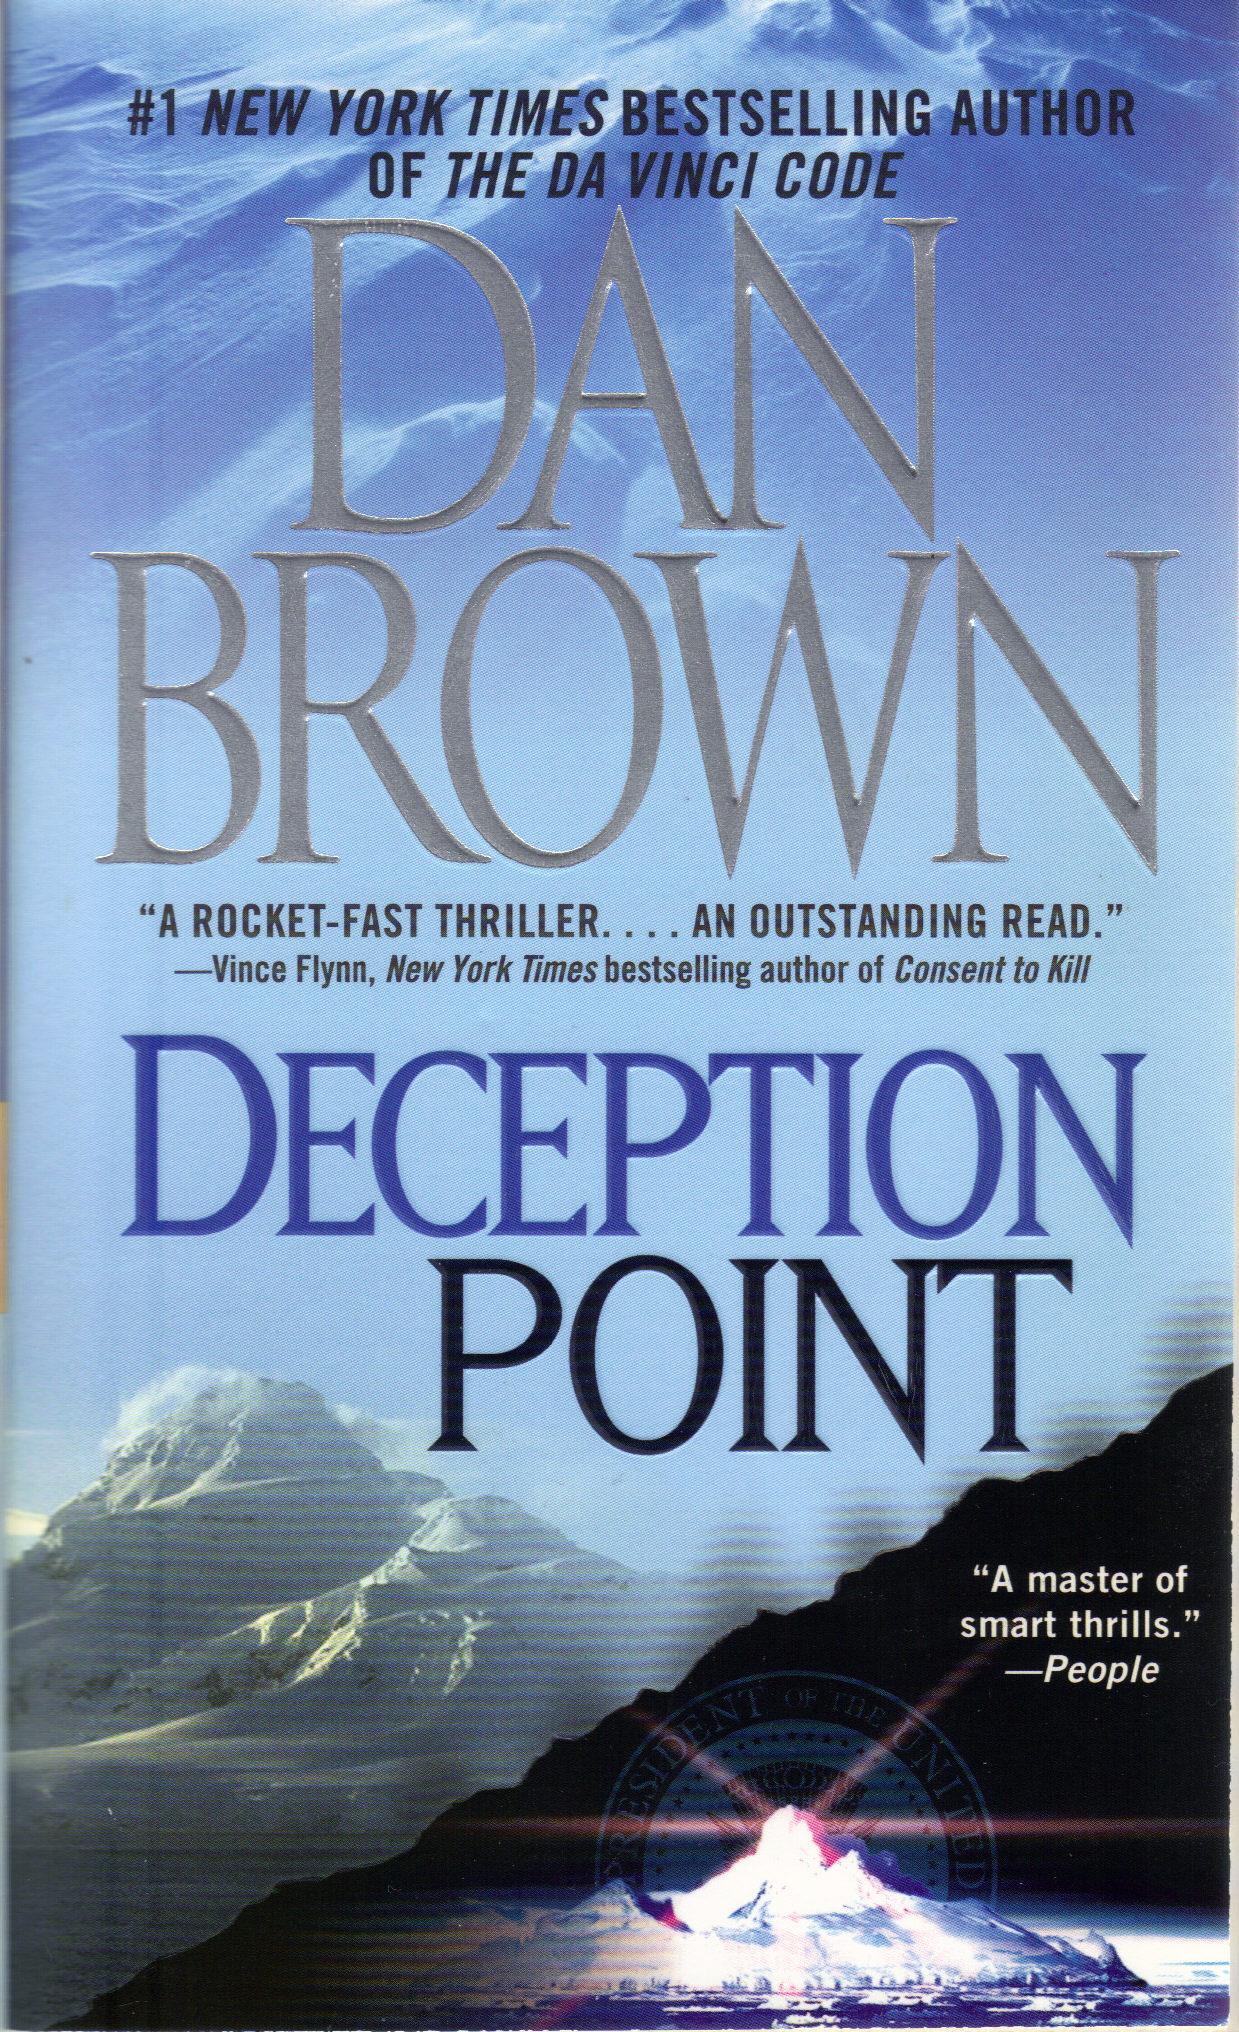 Deception Point UPC Versio